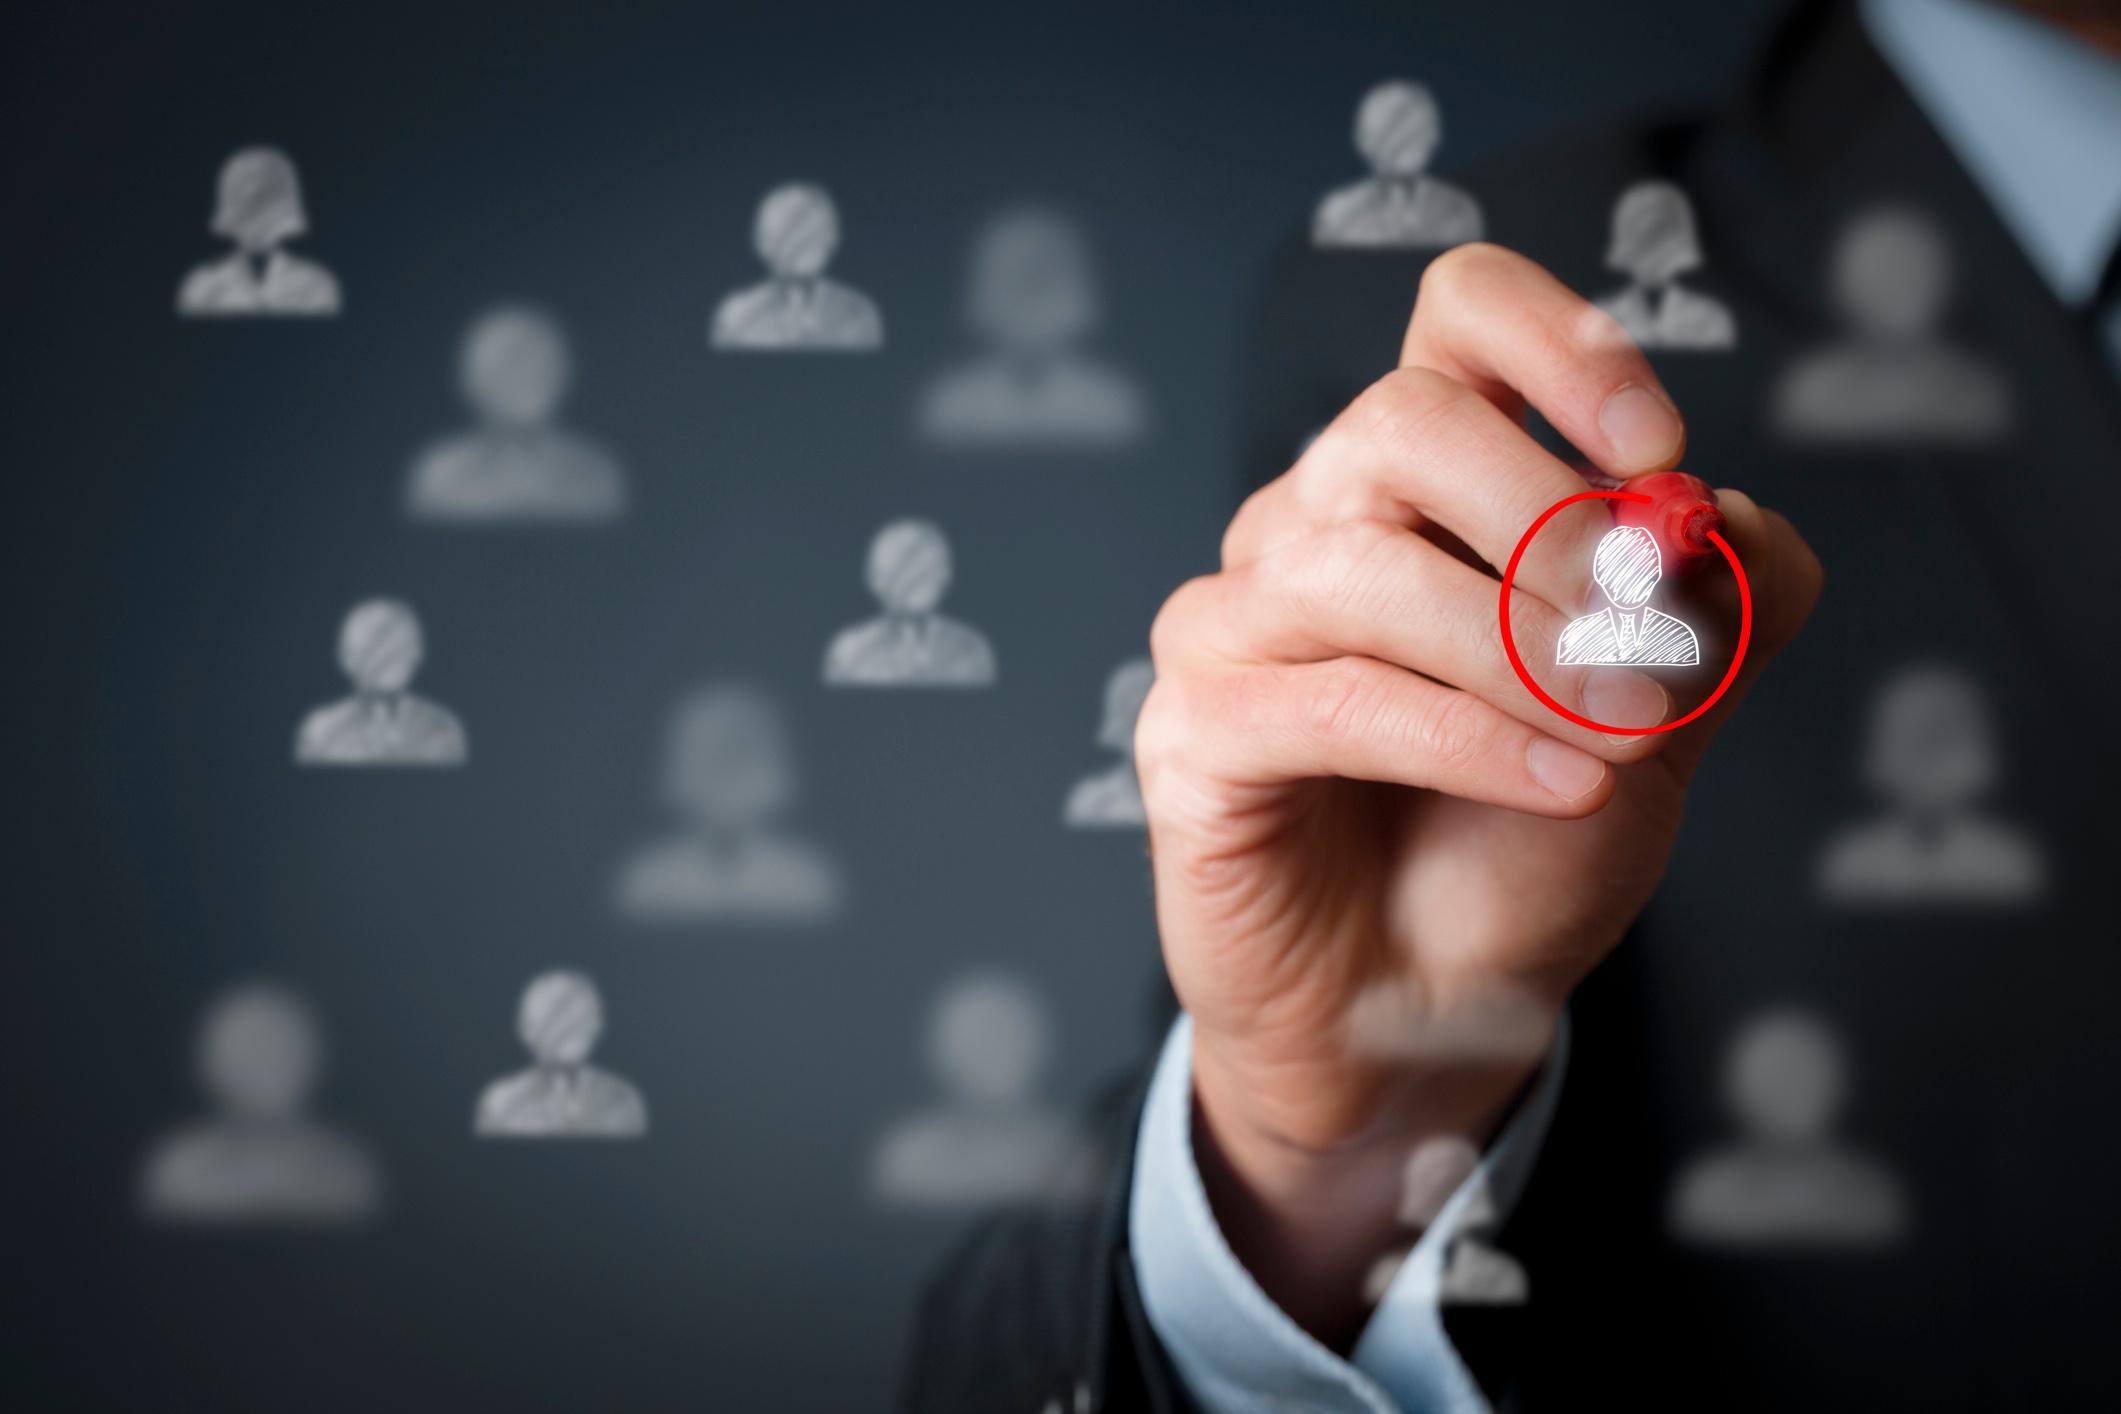 Mejore la interacción con datos de clientes relevantes y fidedignos